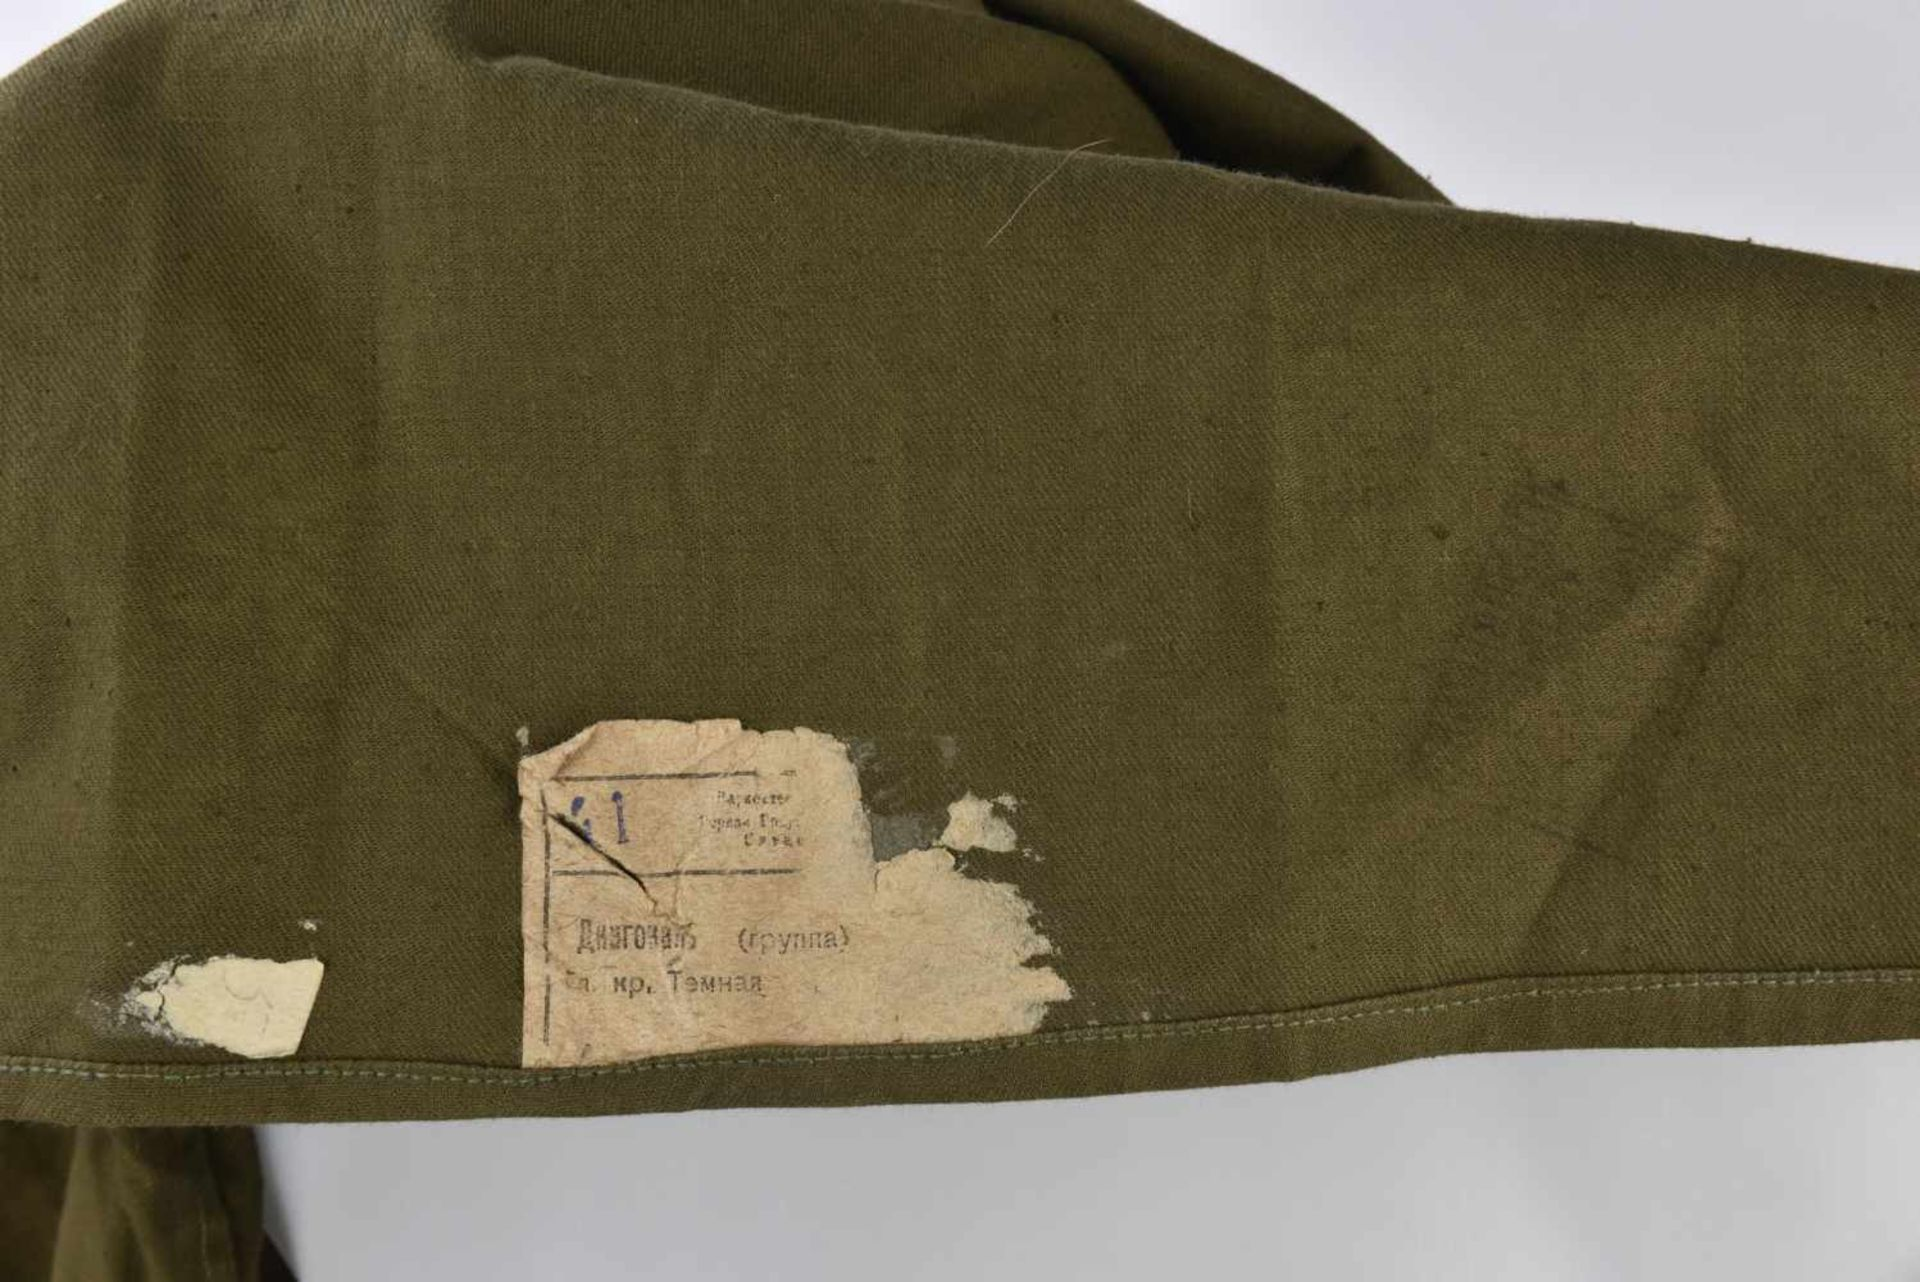 Gymnasterka M.43 modèle sans poches, avec pattes de col d'un soldat de l'artillerie. Très belle et - Bild 3 aus 4